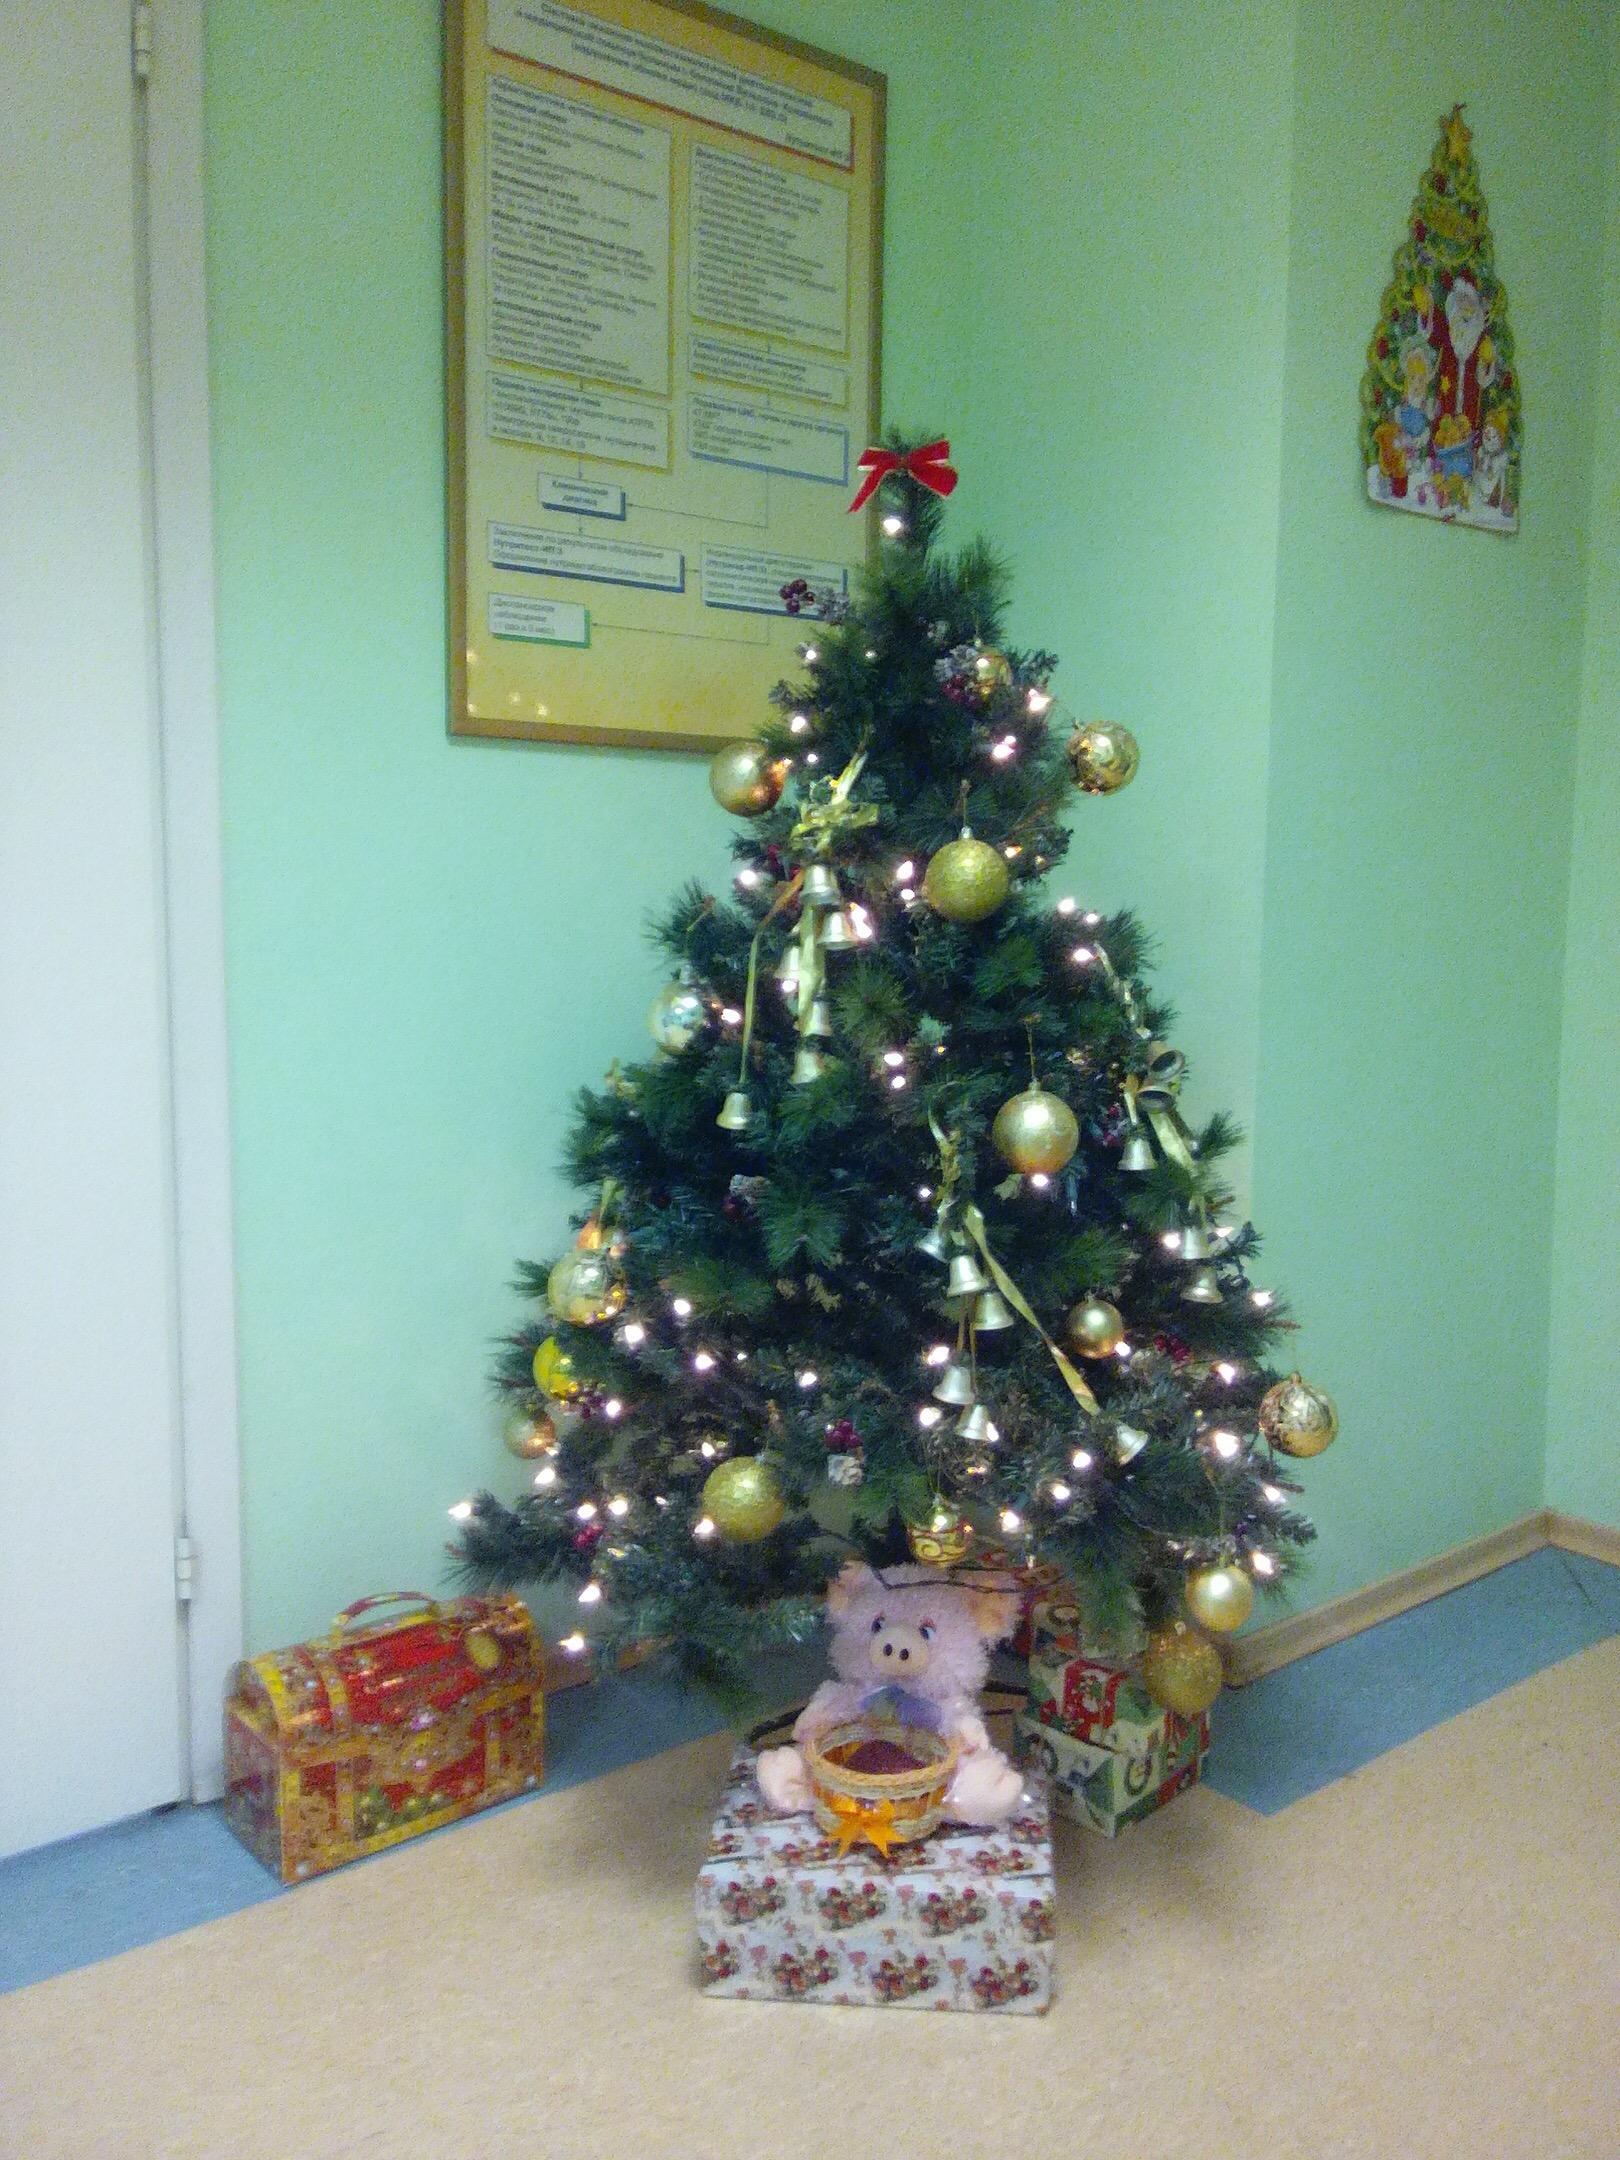 Такая елочка радует нас в отделении терапии!. Блиц: Ну и елка!